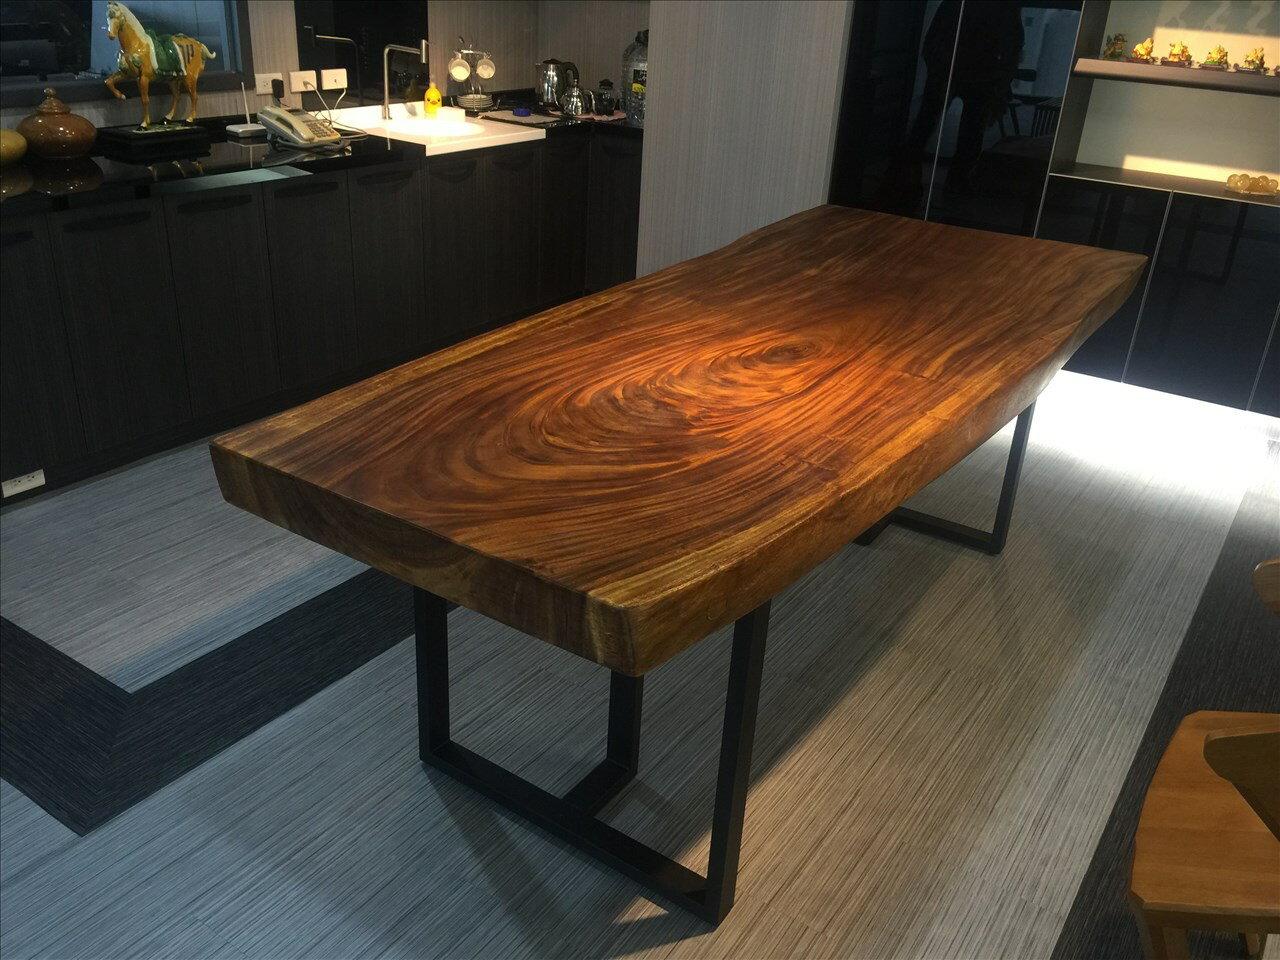 【石川家居】UG-122 鐵木自然邊推油厚板8尺餐桌 /會議桌 /泡茶桌